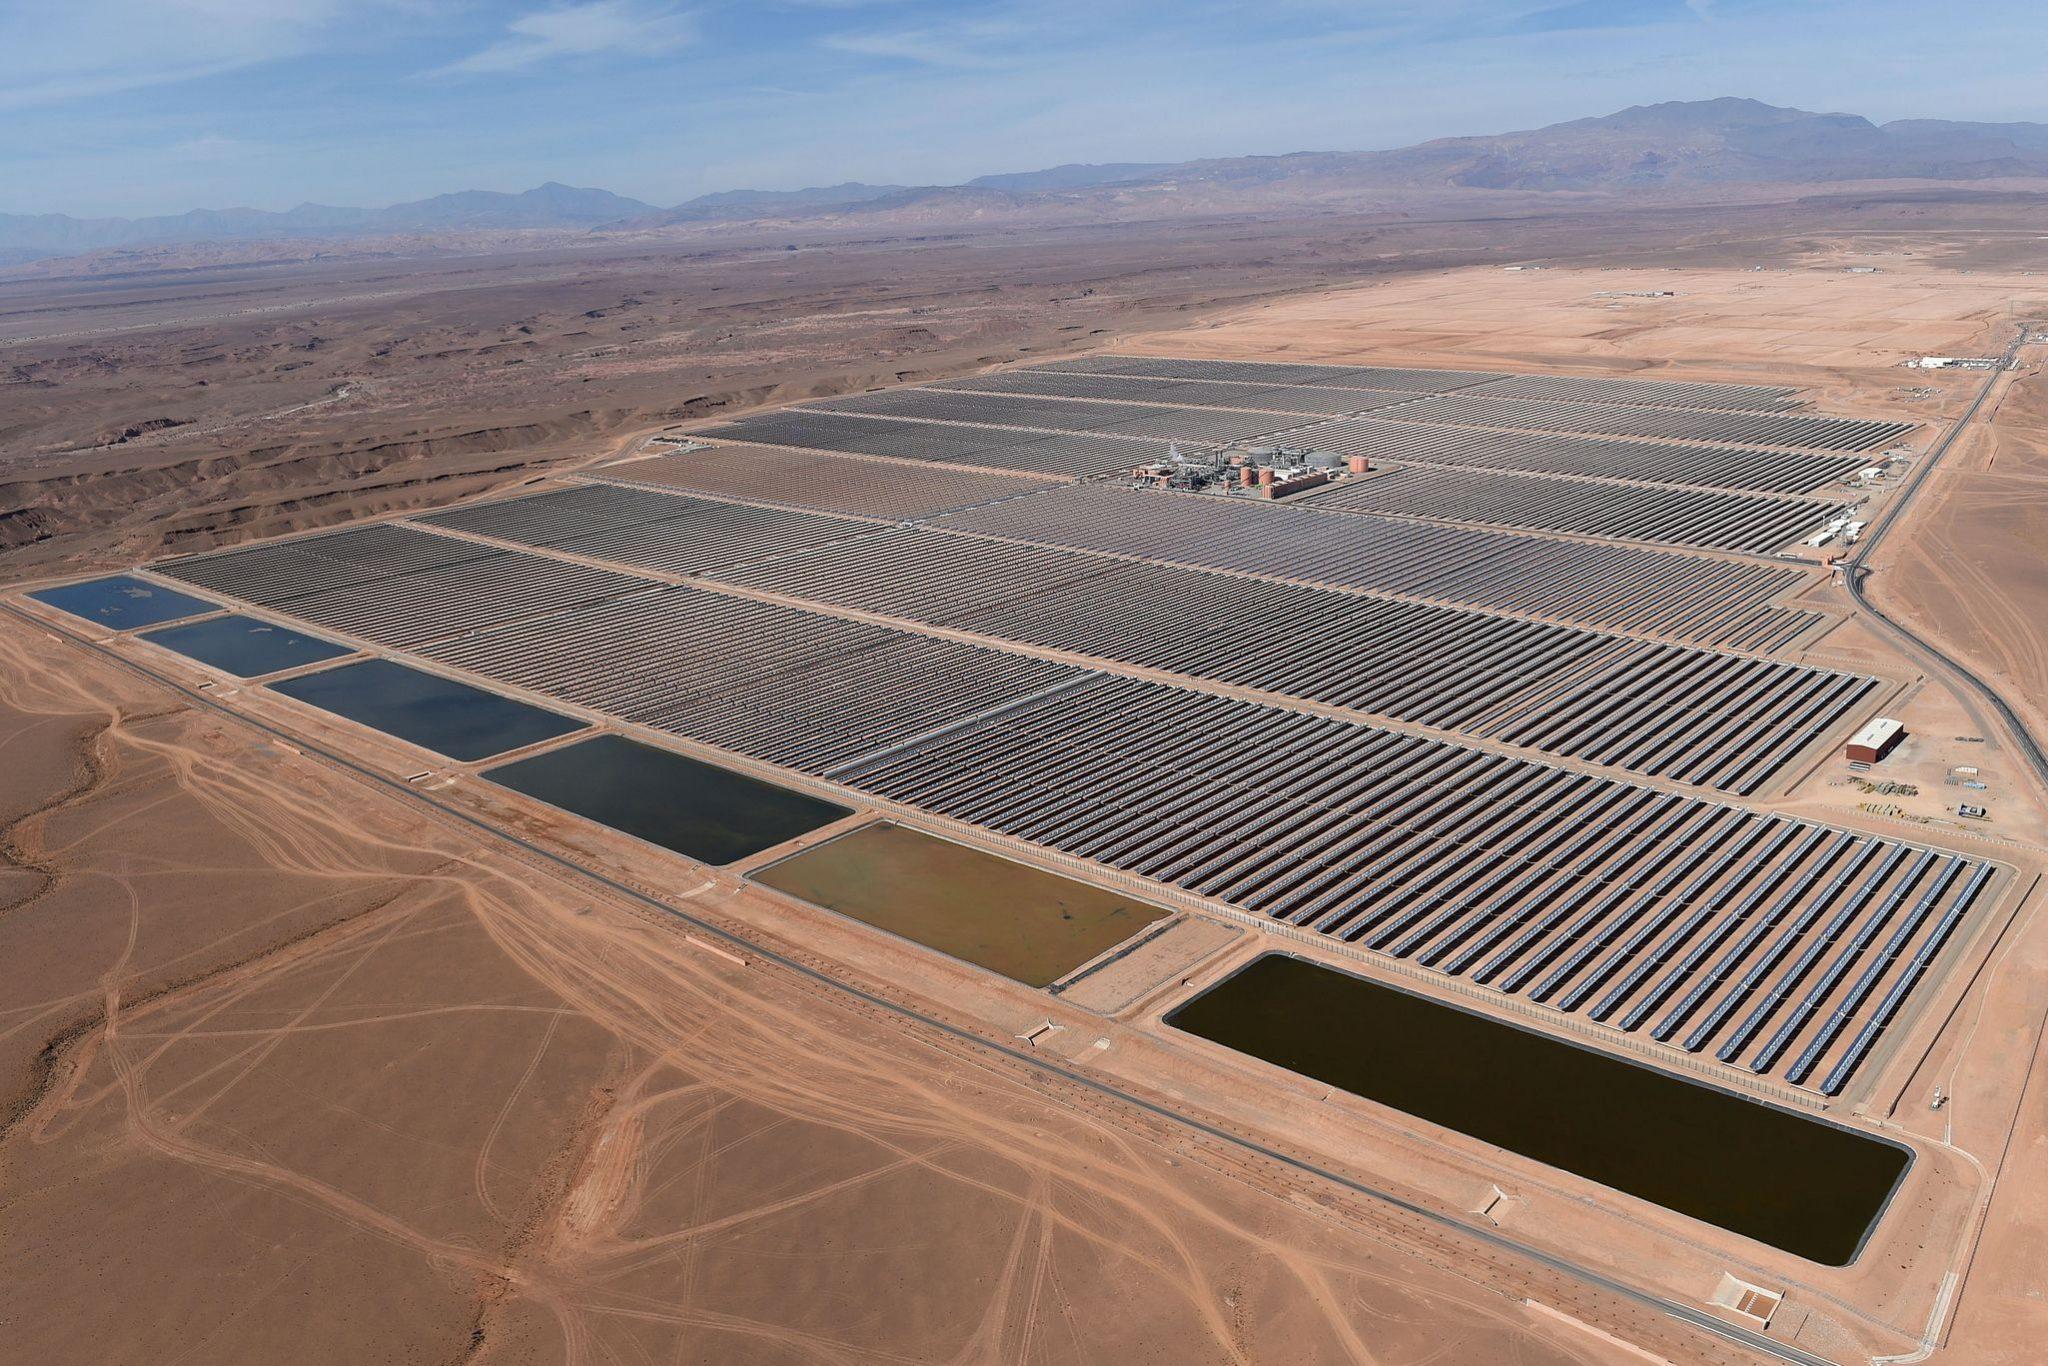 Самая большая солнечная электростанция в мире находиться